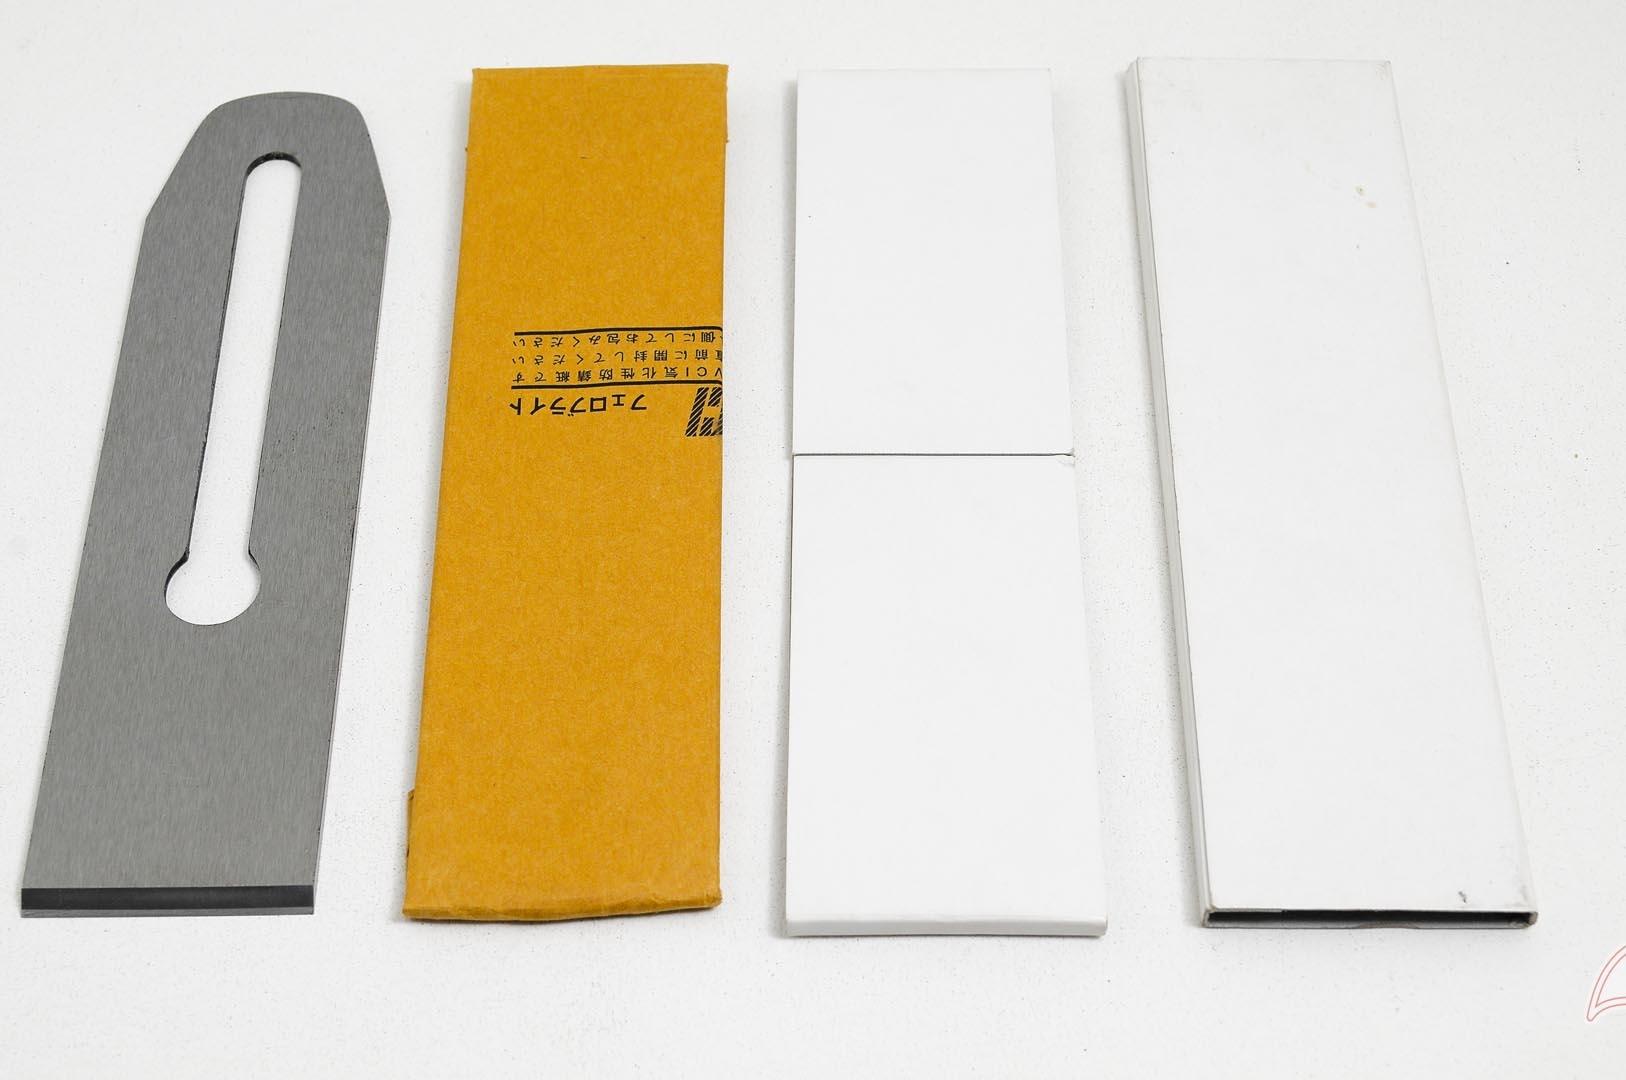 TsABS50-Cuchilla de cepillo #4, #5, 50mm acero laminado Aogami Blue Super TsABS50-max-3.